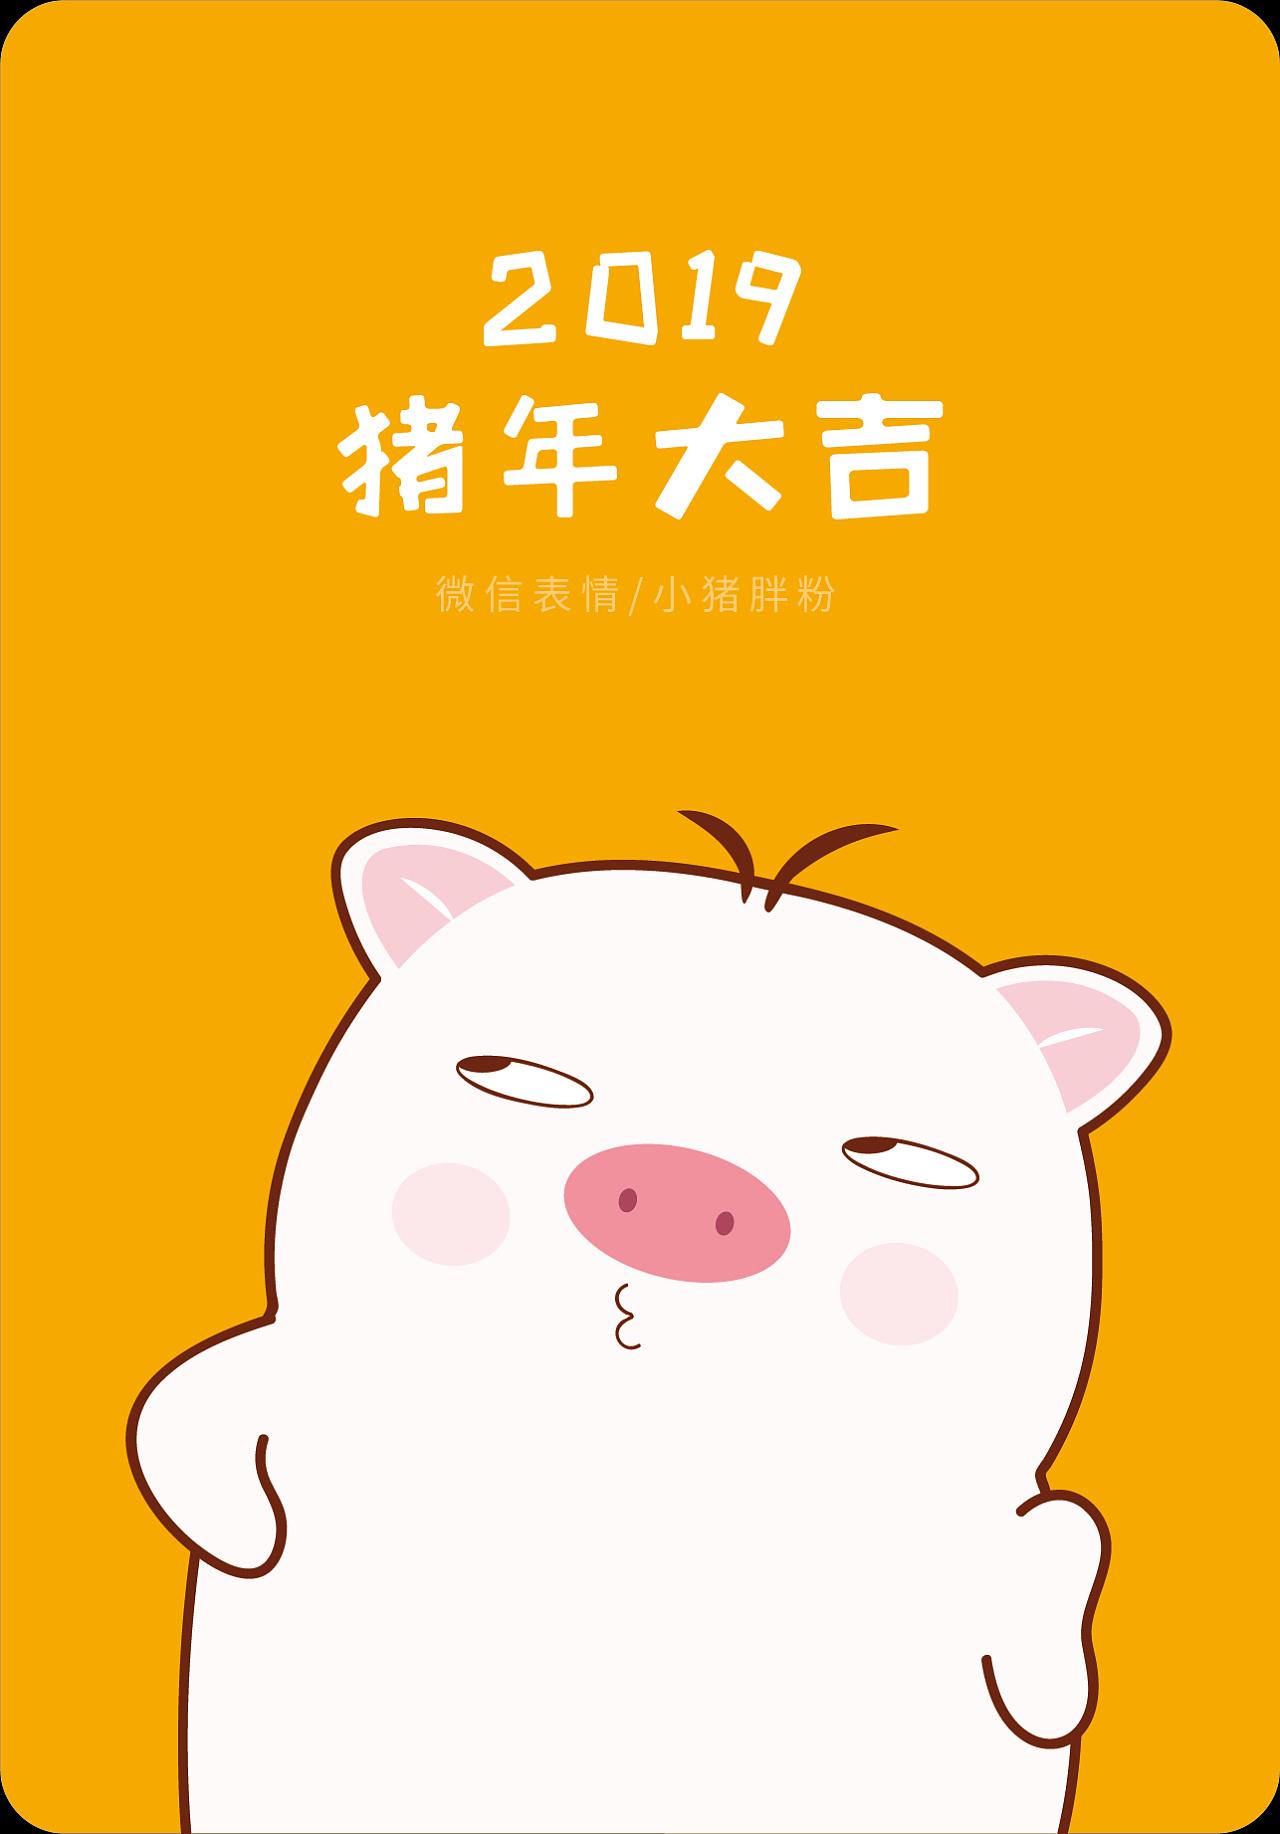 原创插画小猪胖粉ip 手机壳可以授权周边衍生